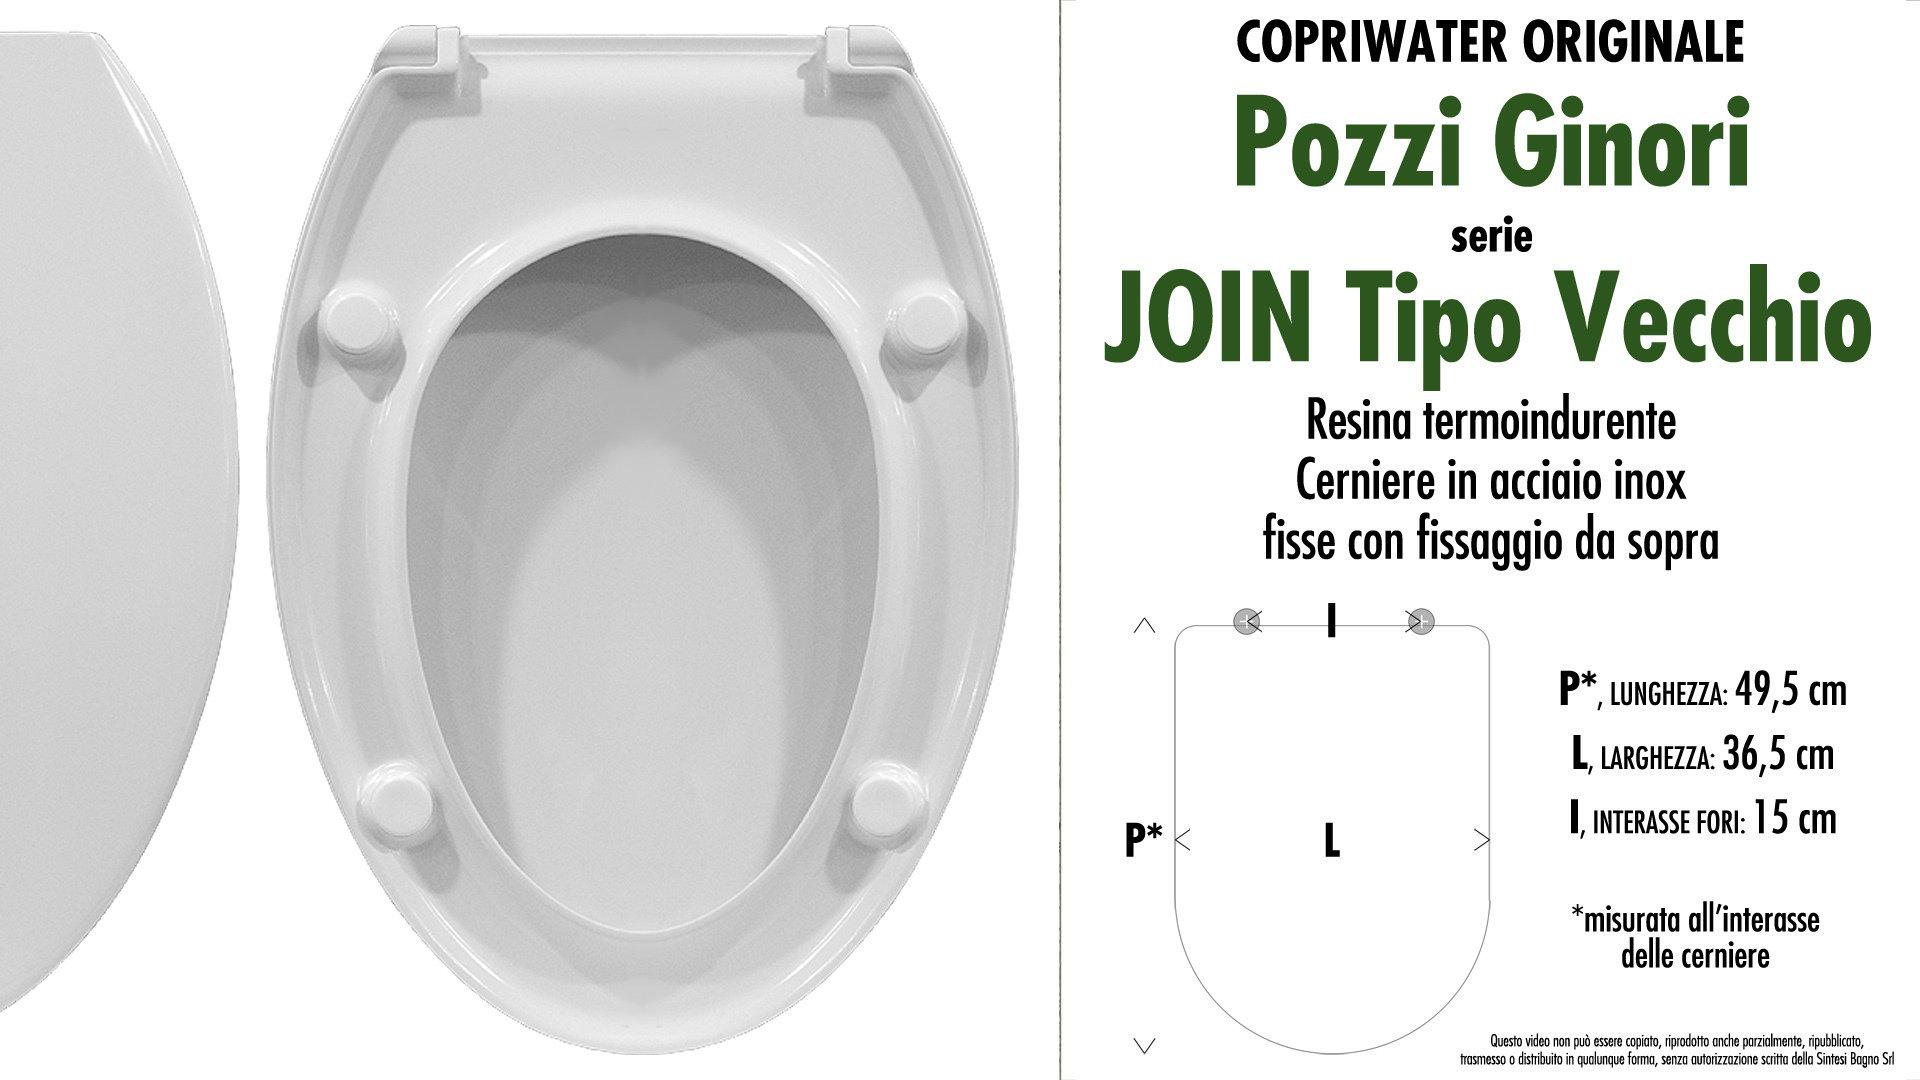 Sedile Per Water Pozzi Ginori.Copriwater Per Wc Join Tipo Vecchio Pozzi Ginori Ricambio Originale Duroplast Sintesibagno Shop Online